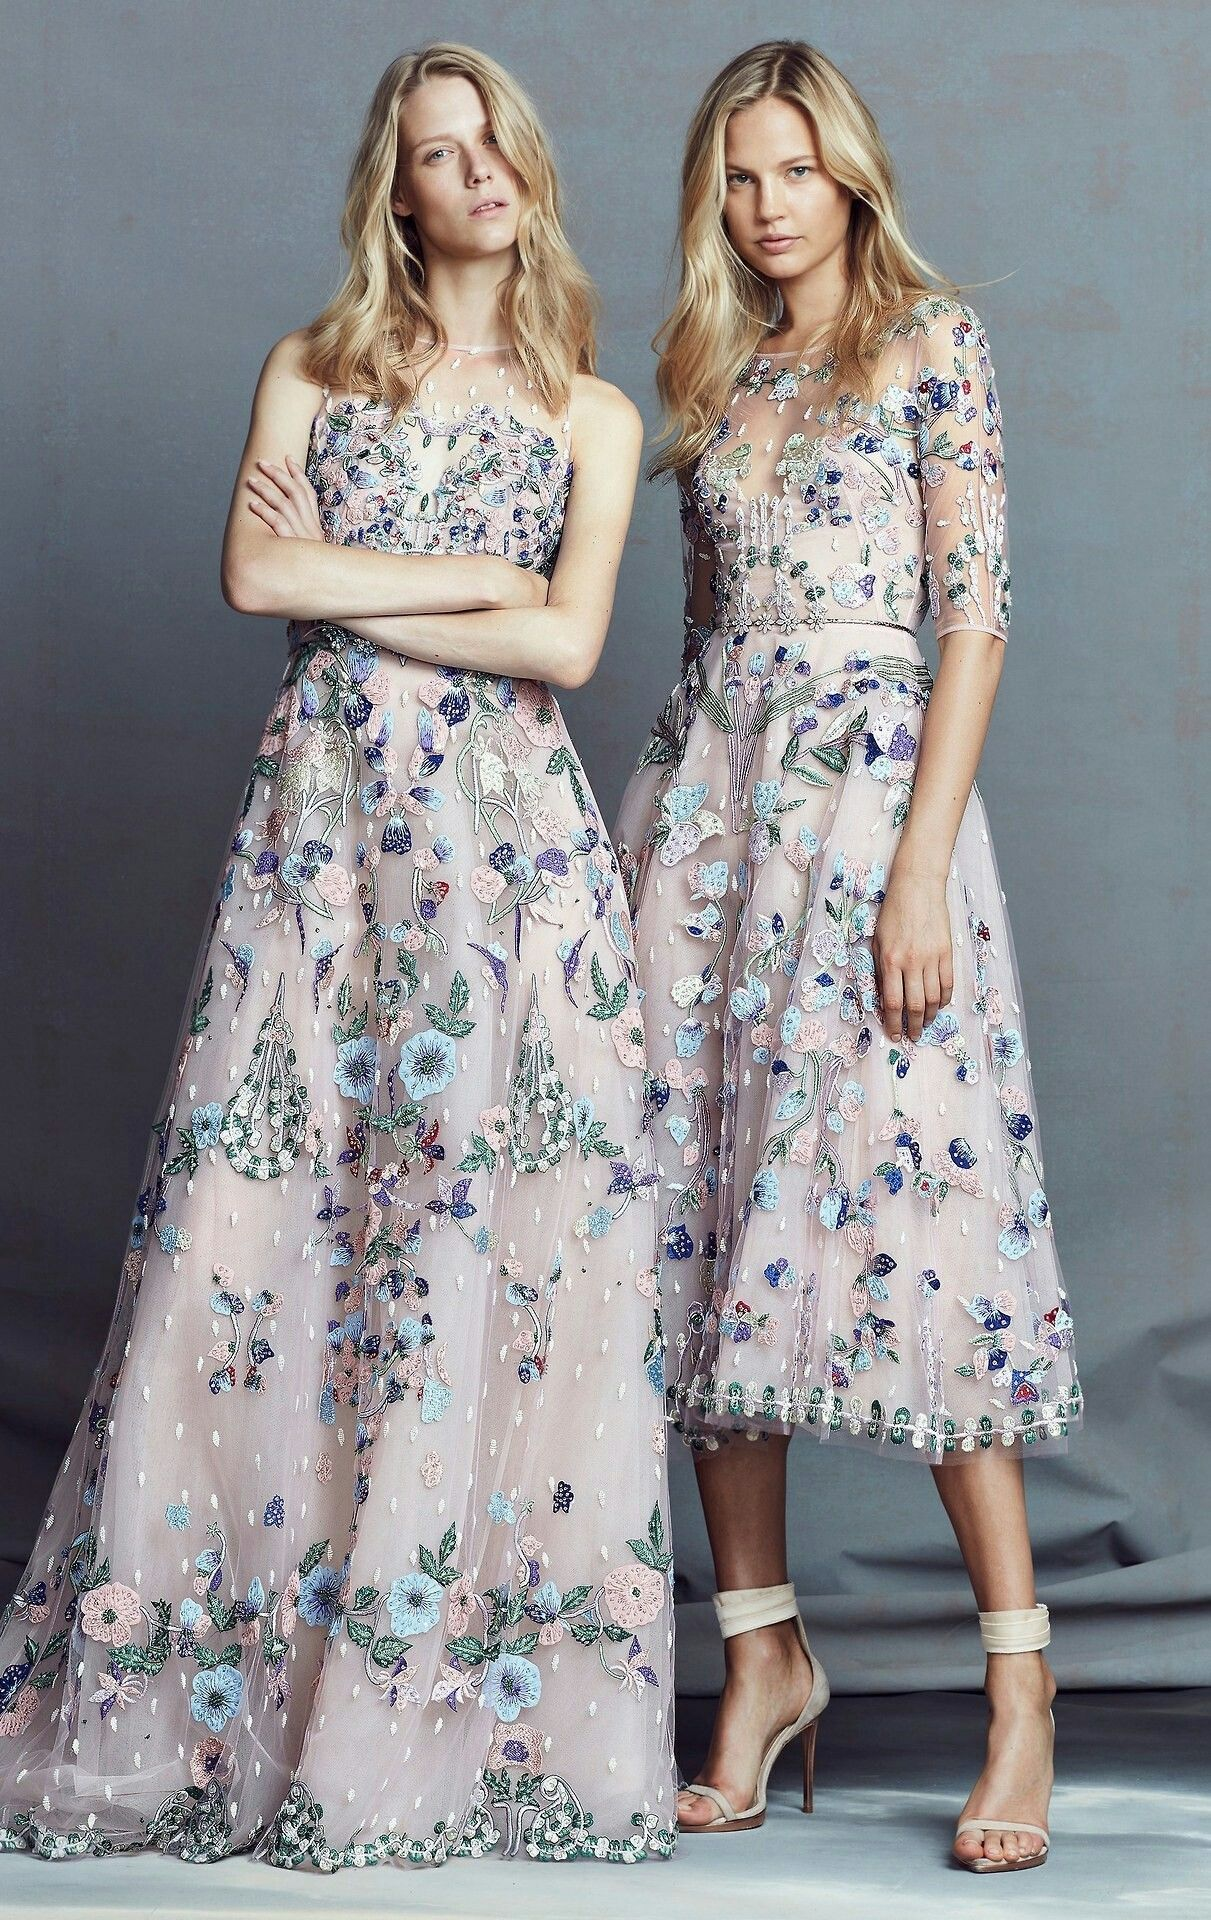 Pin von kemale aghayeva auf dress | Pinterest | Modezeichnungen ...